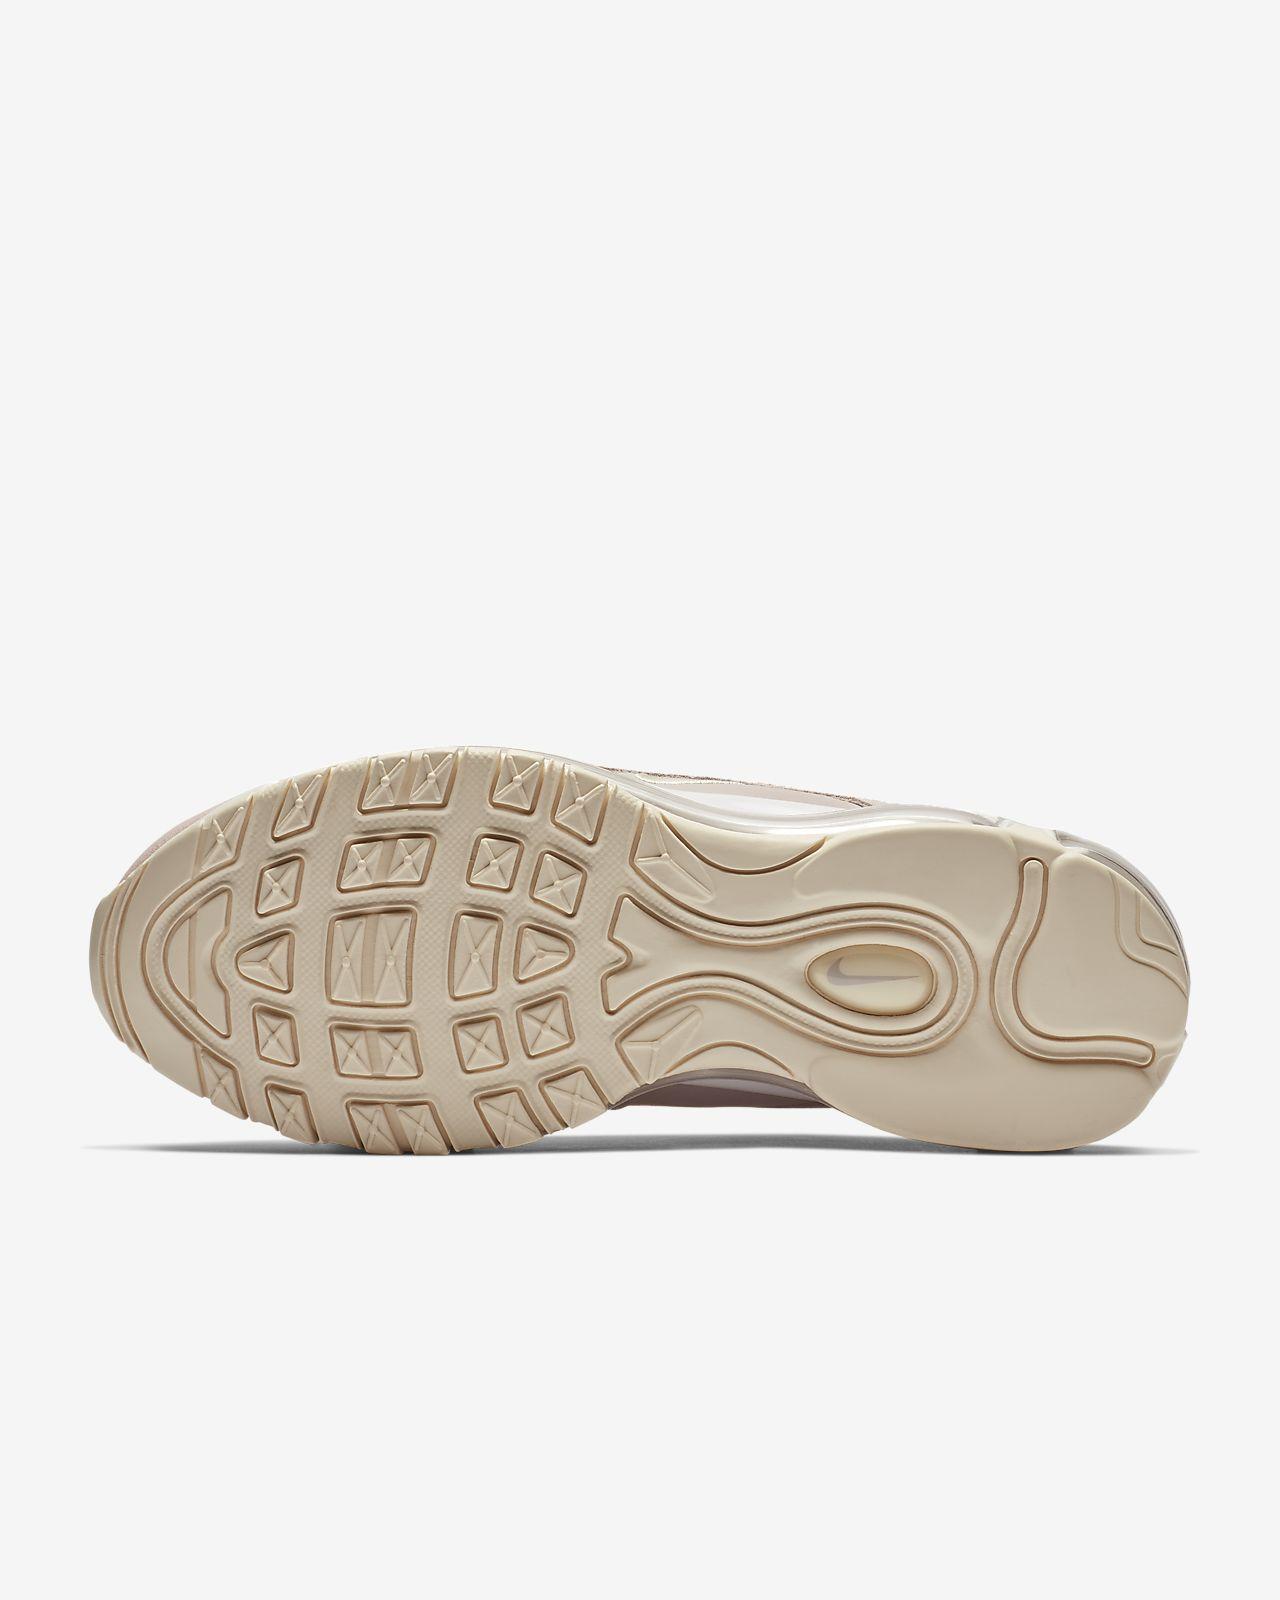 Chaussure Nike Air Max 97 Premium pour Femme. FR